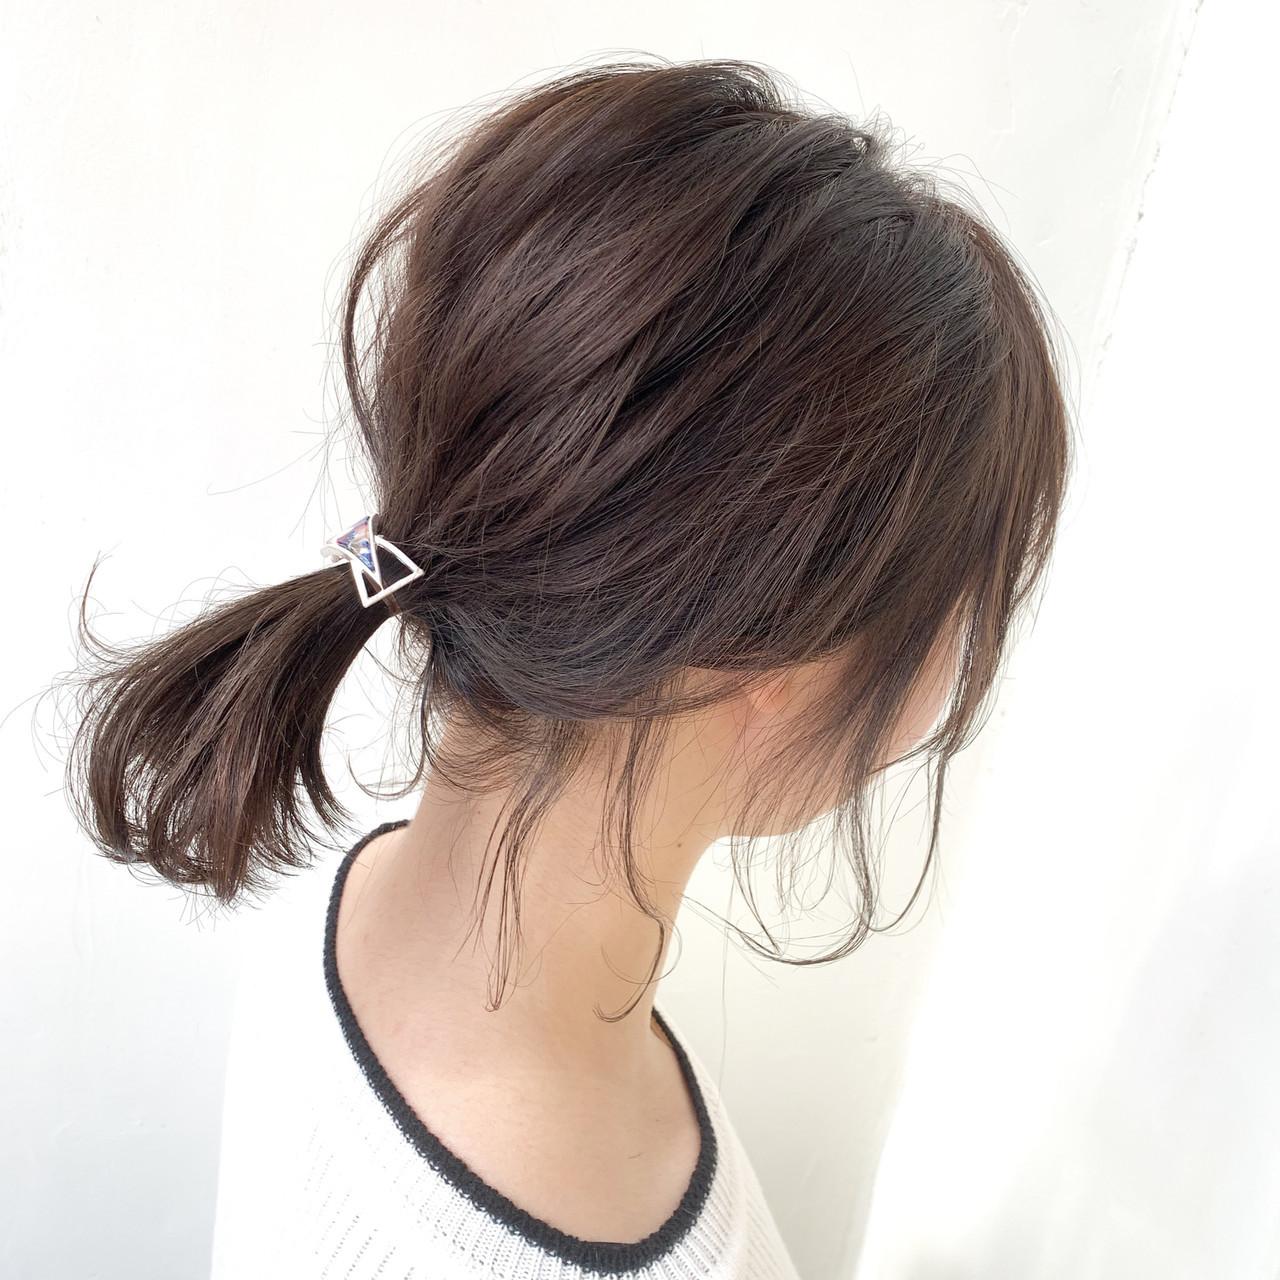 オフィスでも活躍の美人ポニーテール Kaoru_ishiga